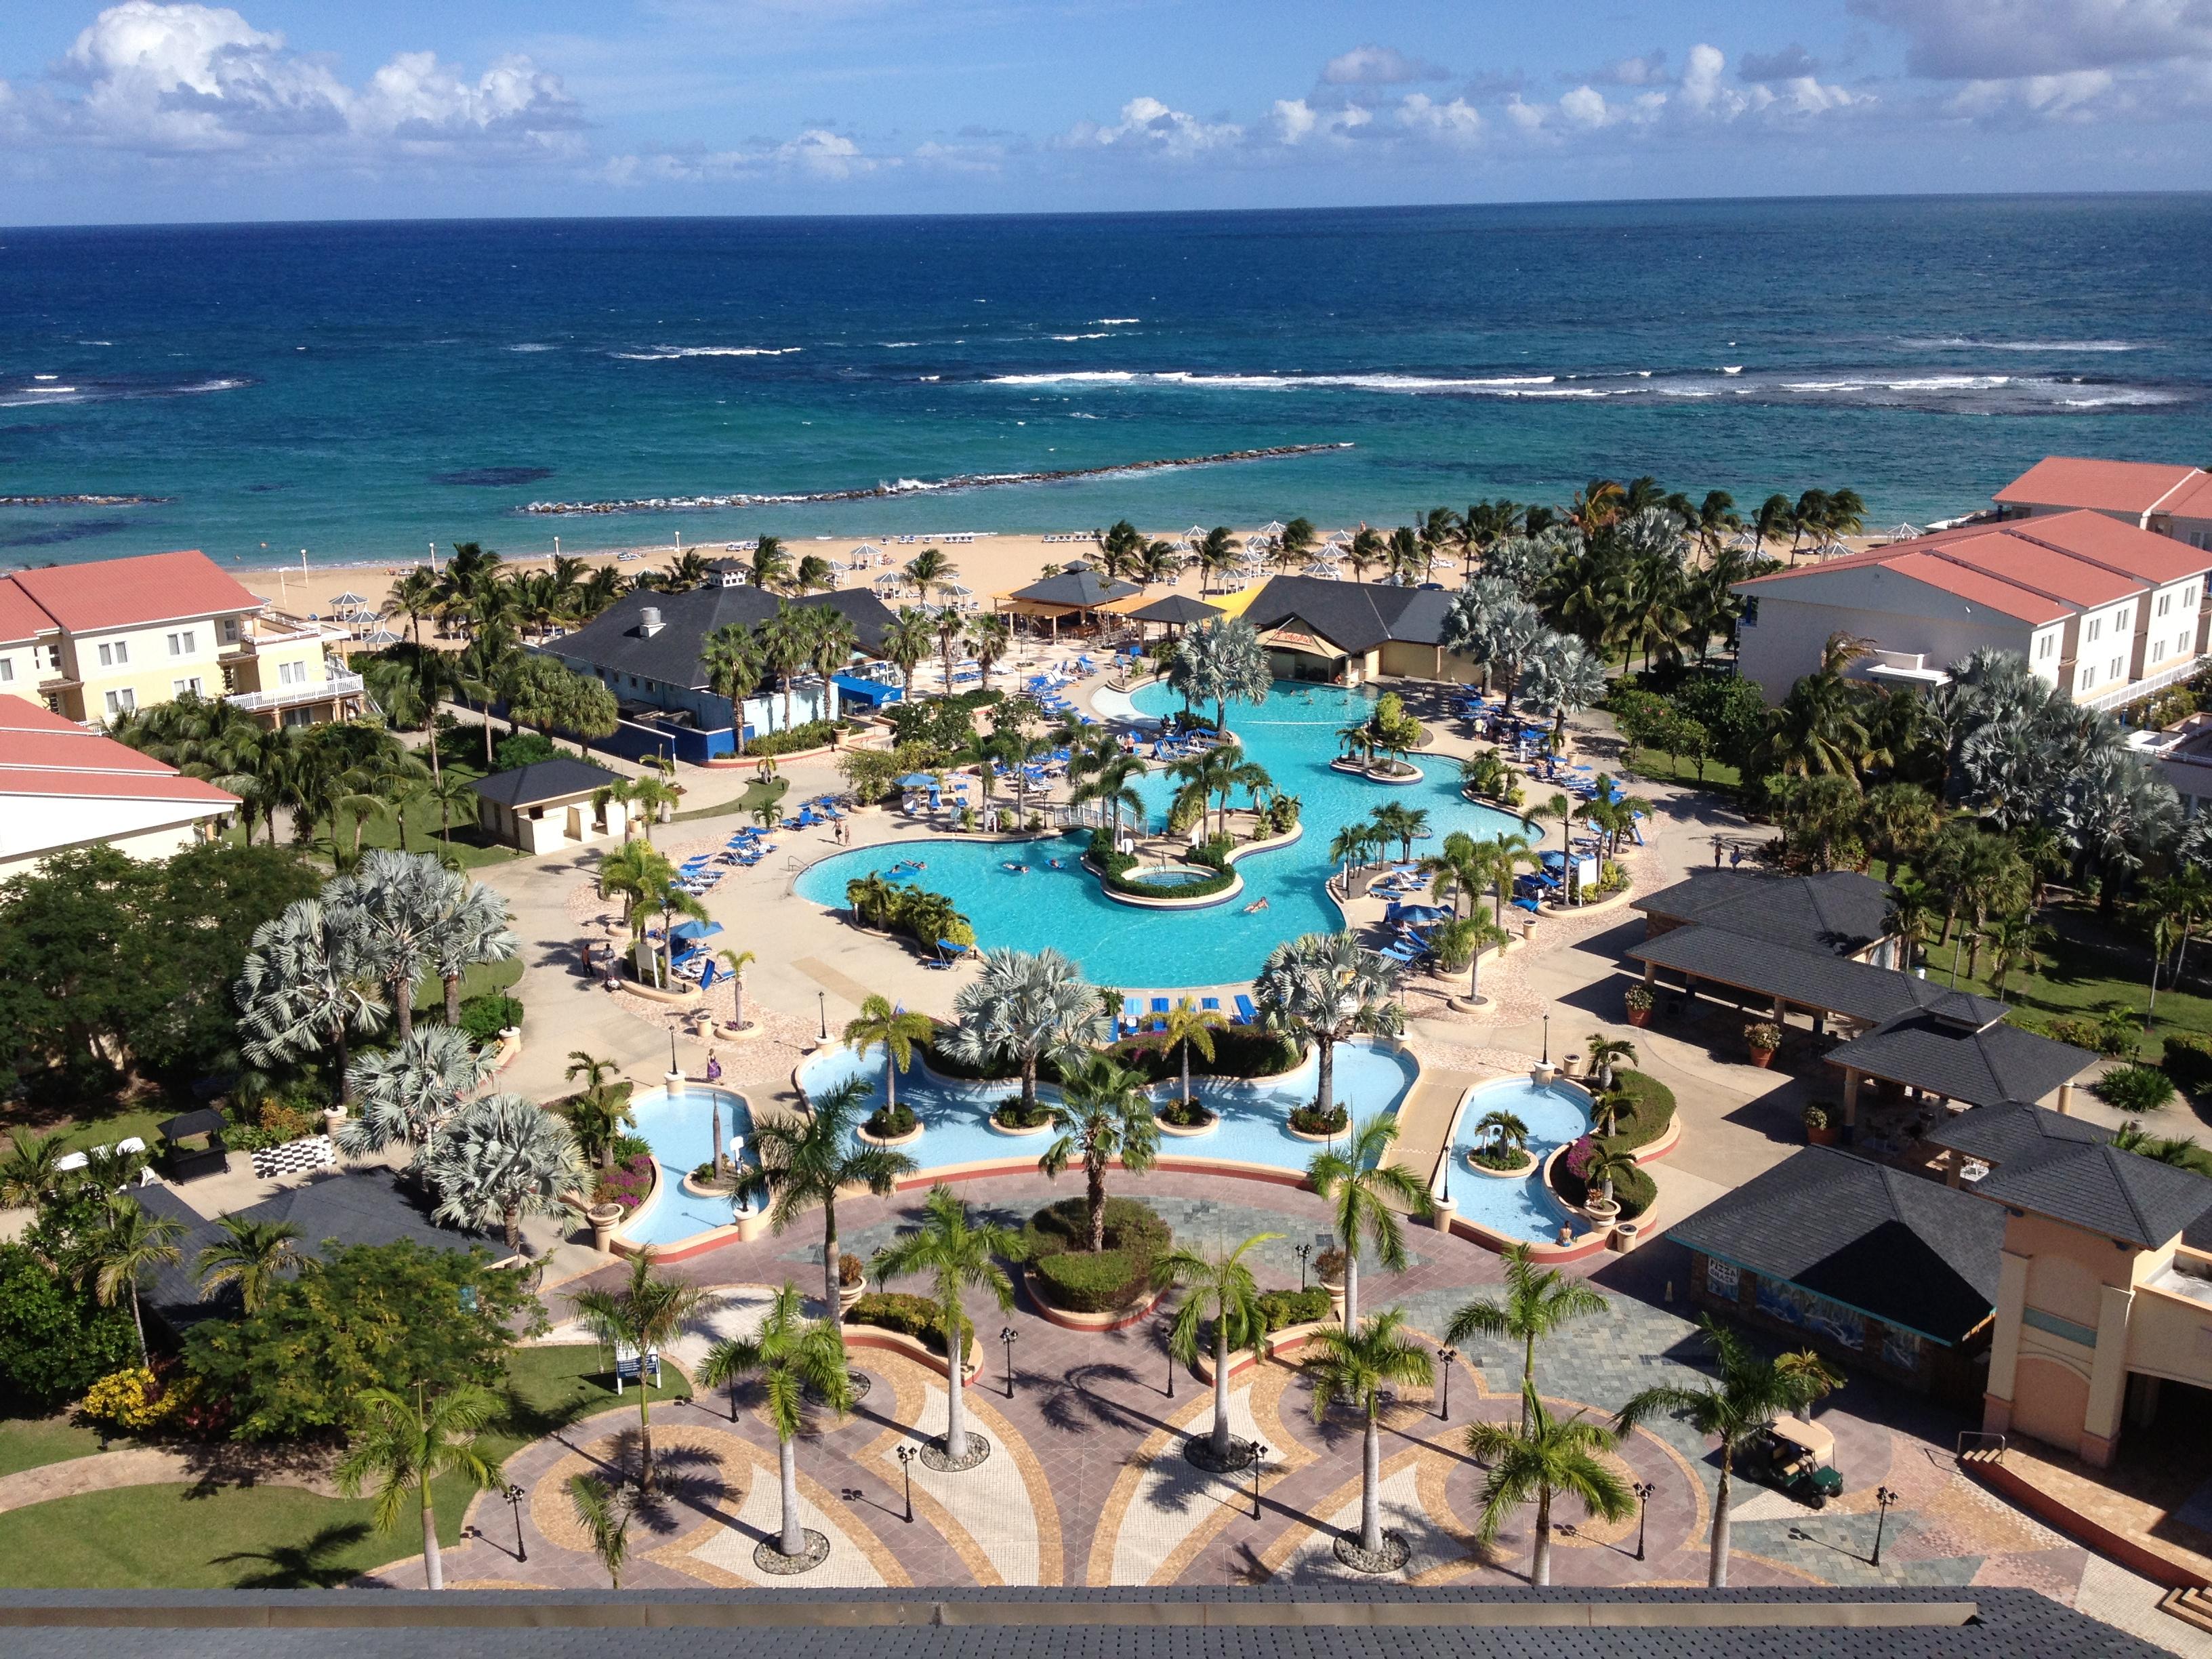 St kitts resorts st kitts hoteles saint kitts todo incluido san